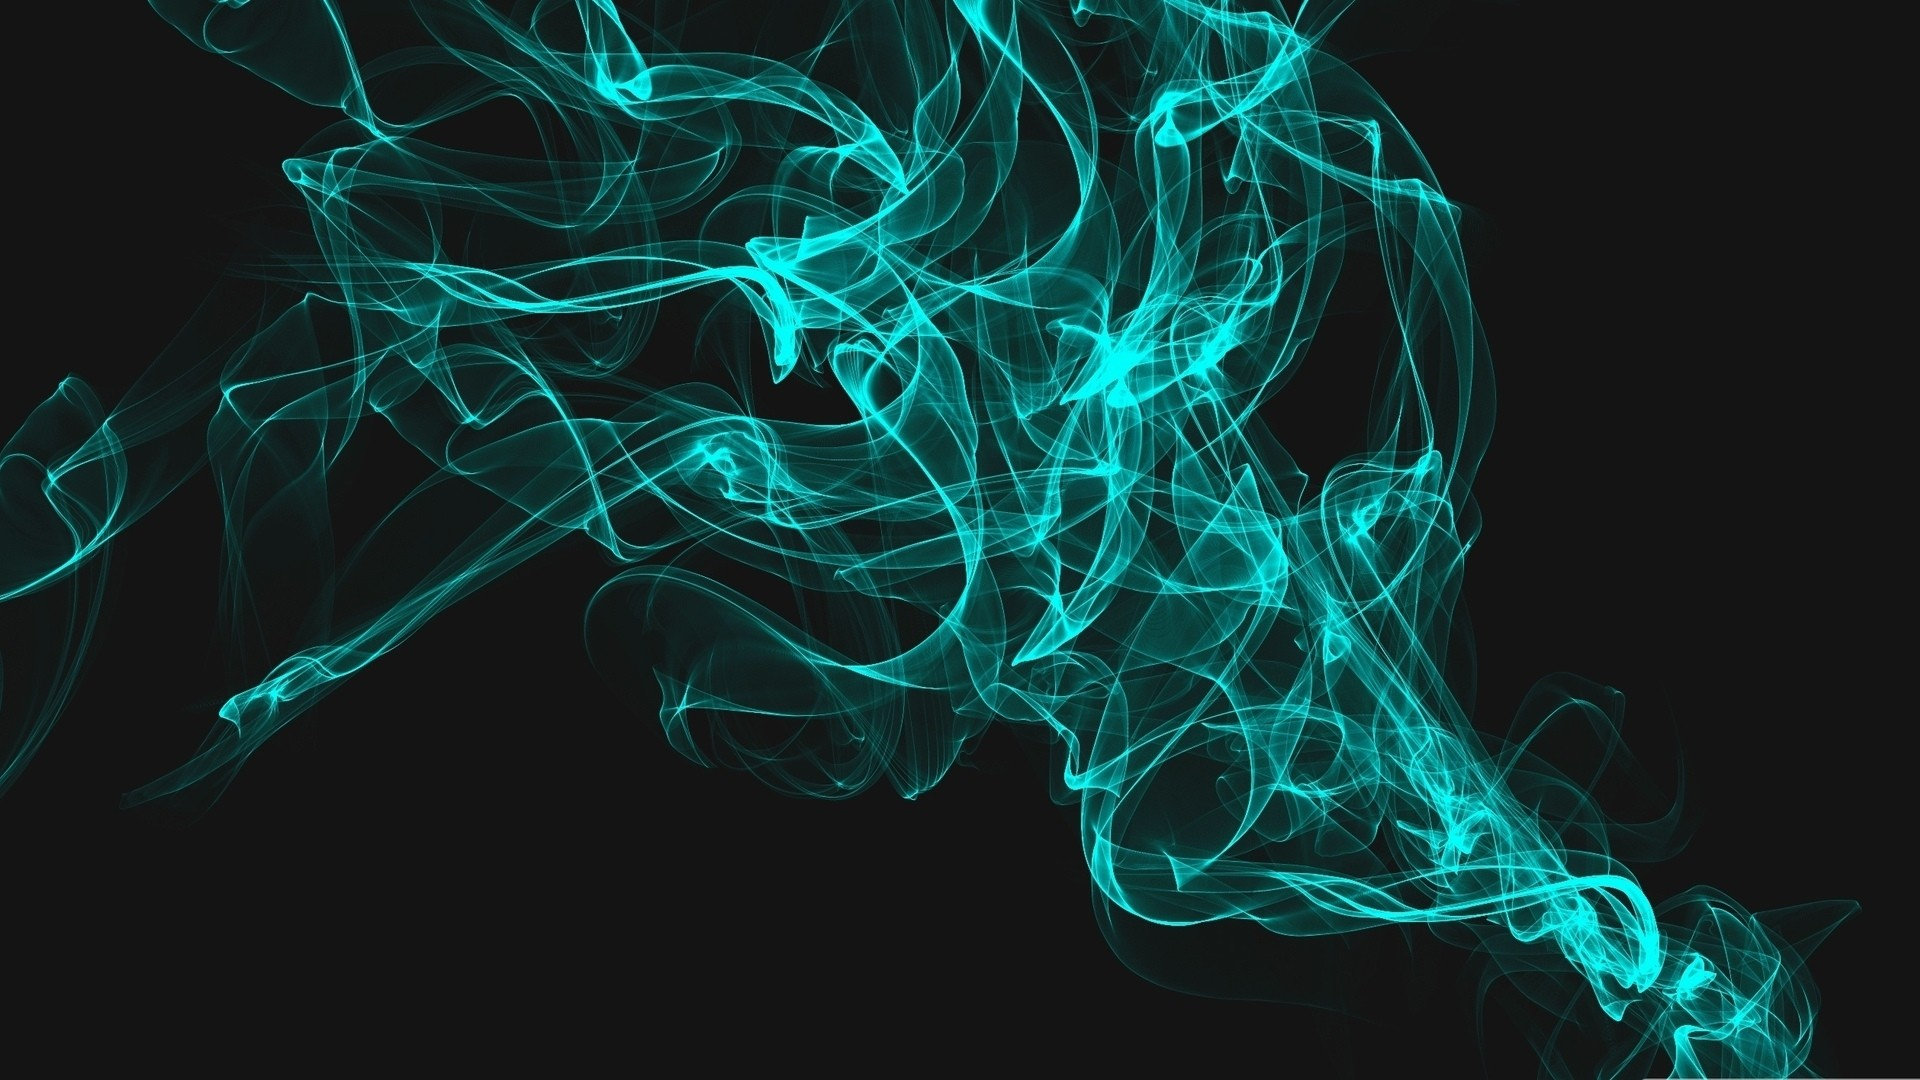 Smoke hd wallpaper download